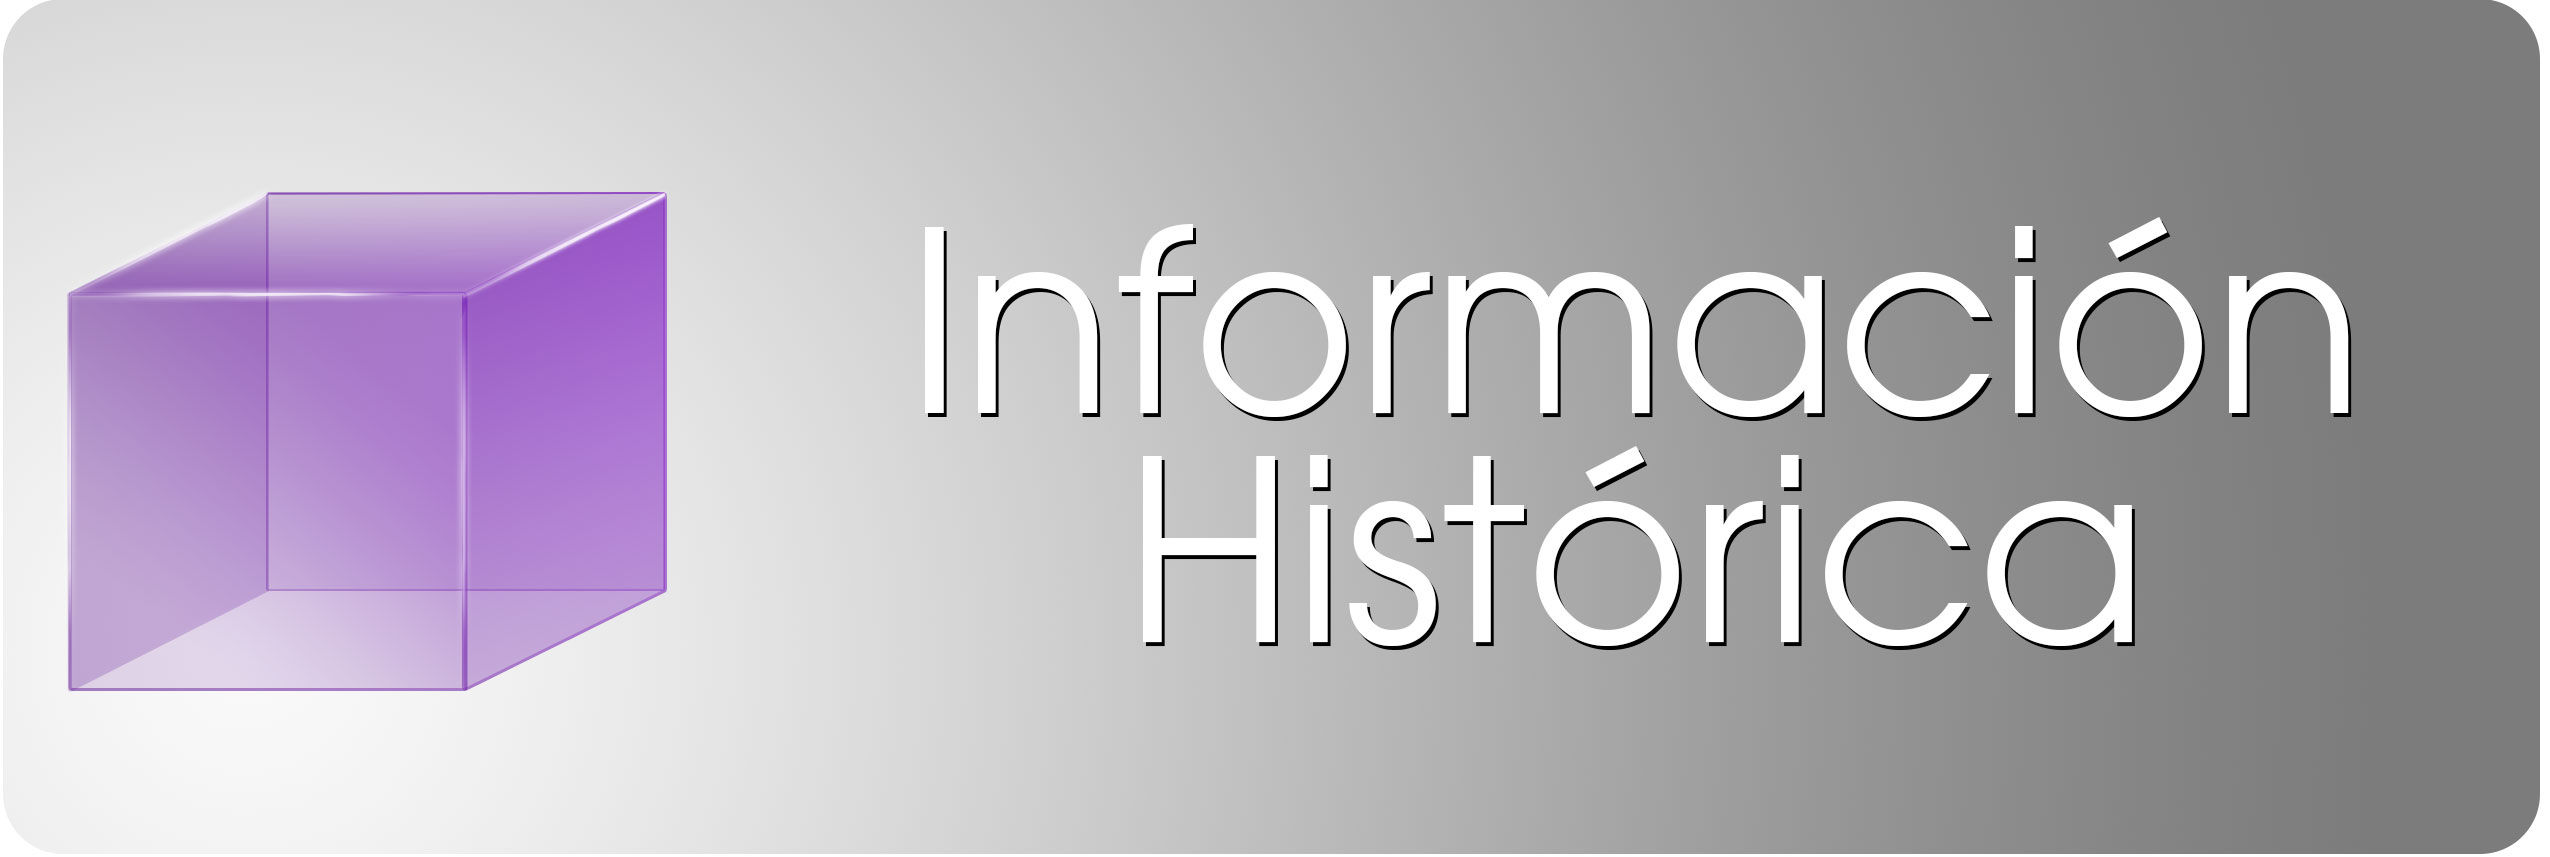 informacion-historica-morado